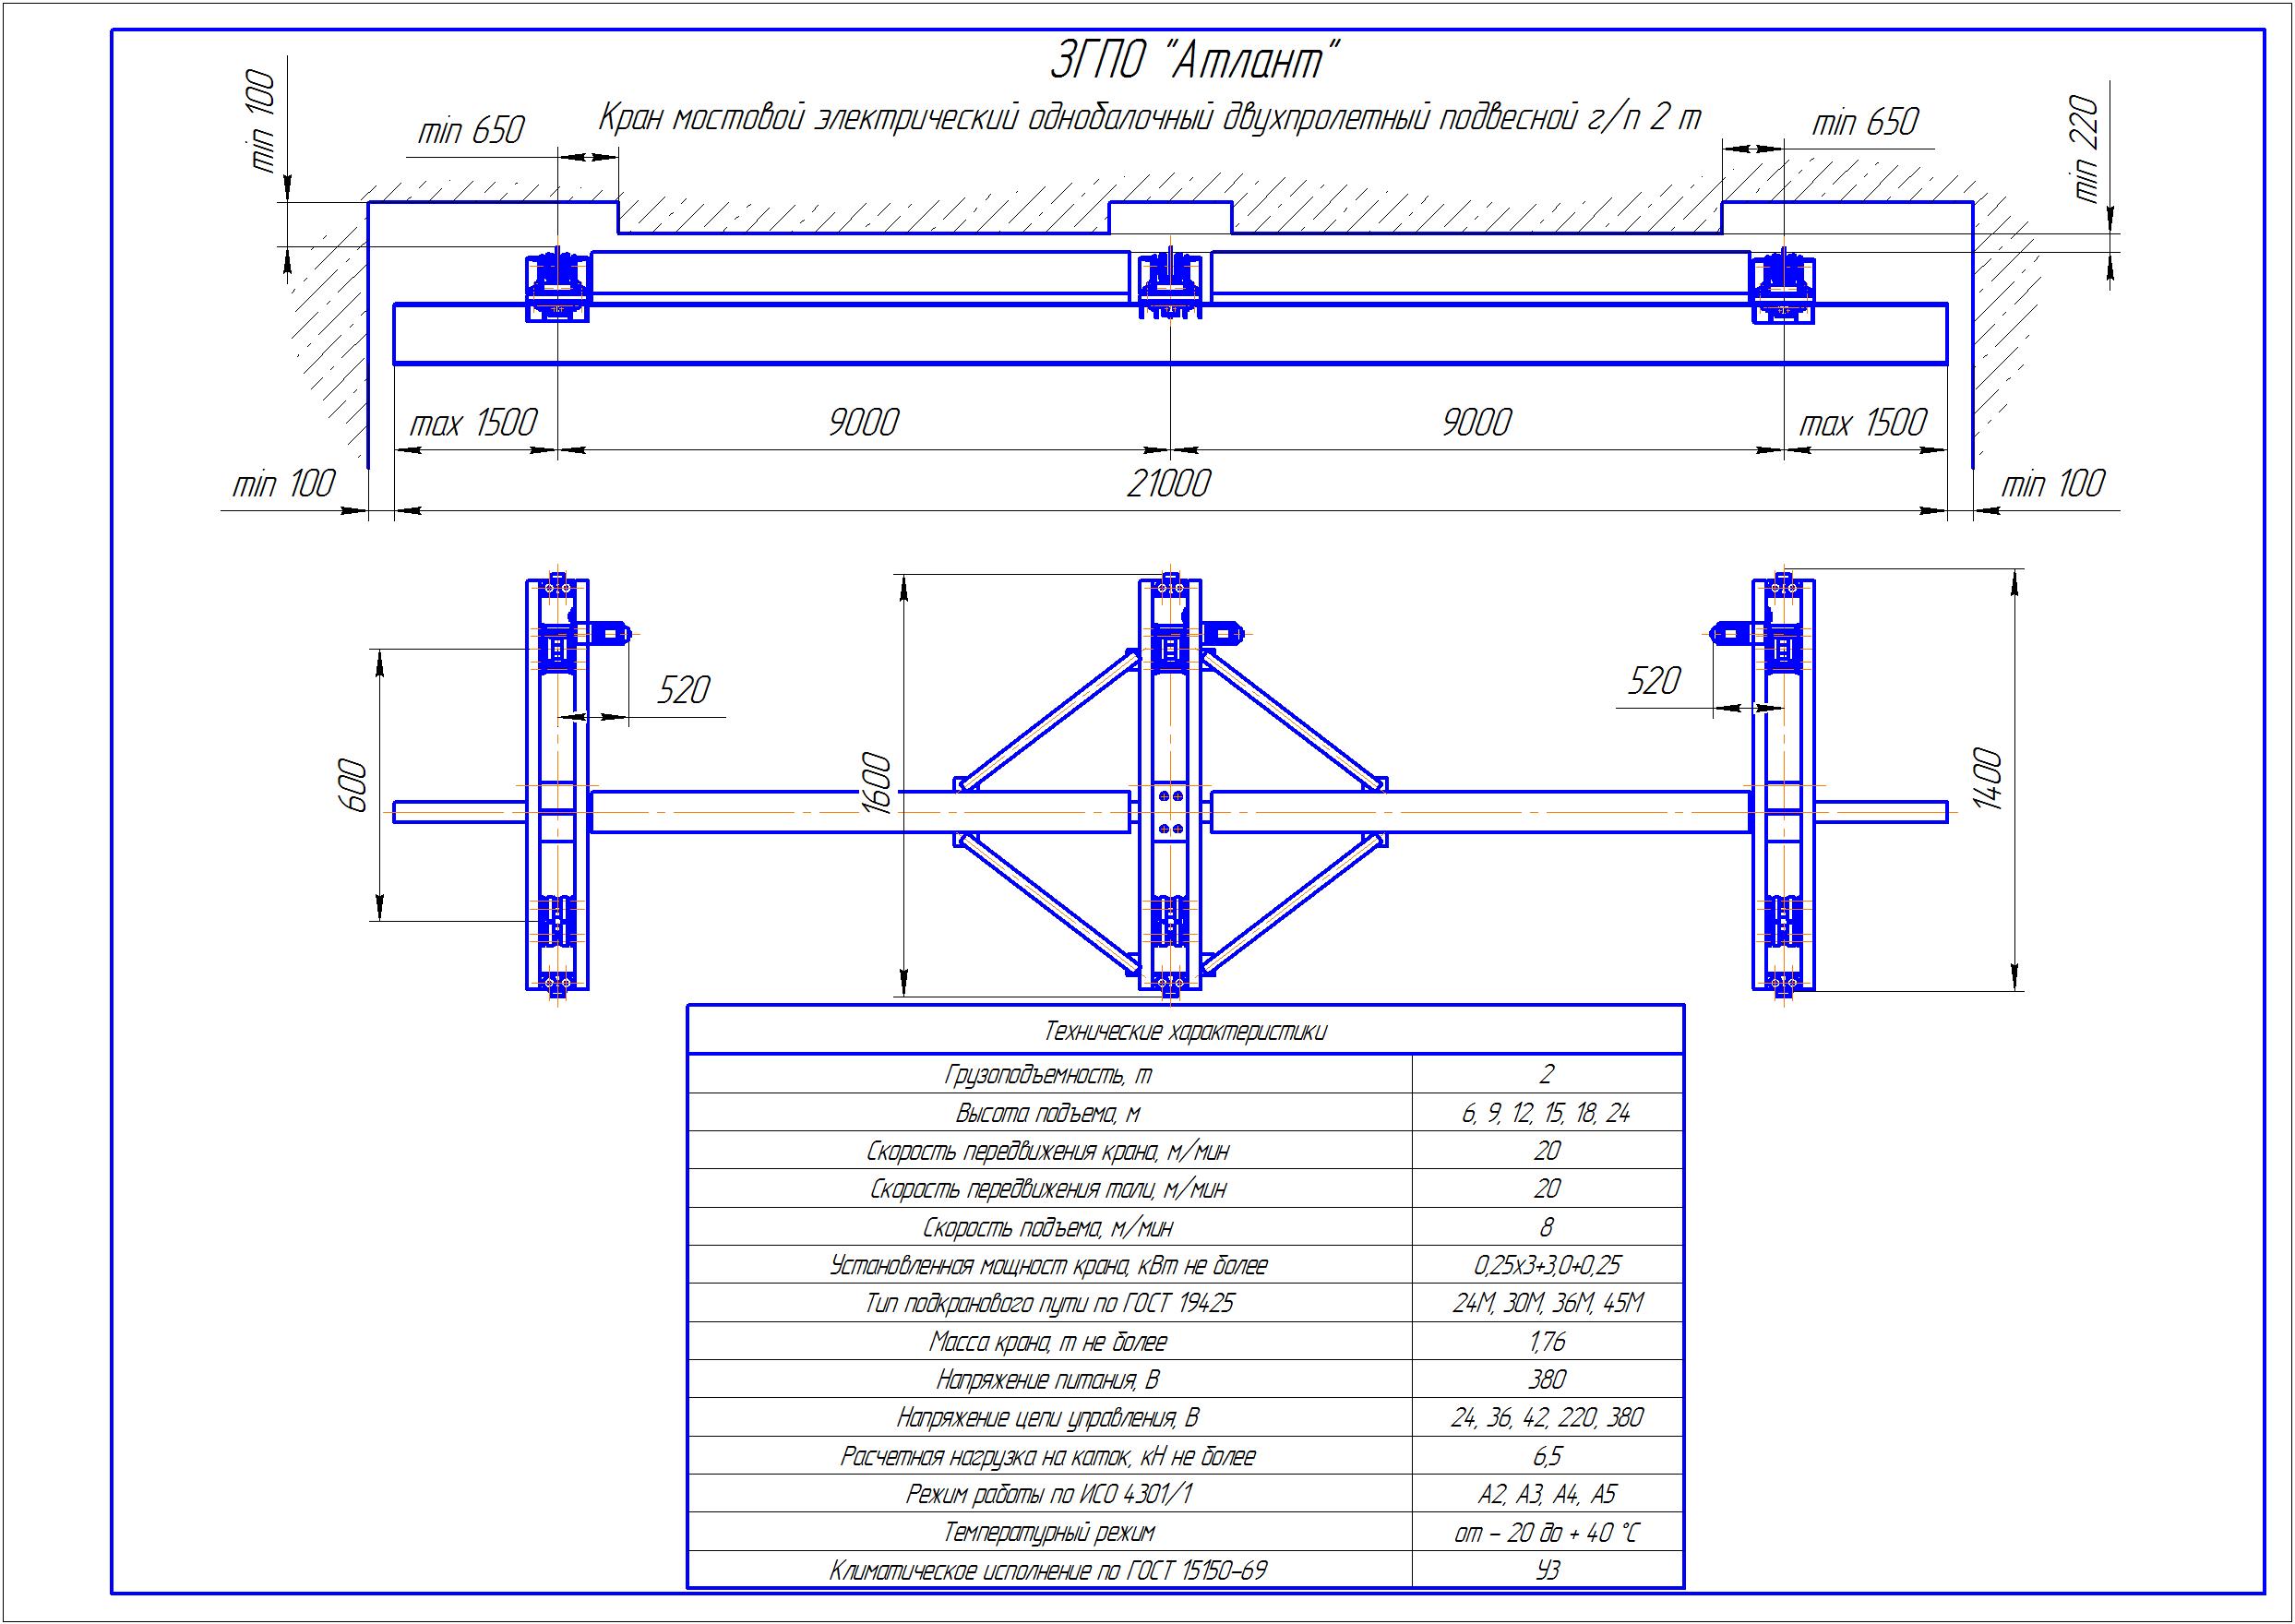 KBPD 2 2 - Подвесная кран балка двухпролетная